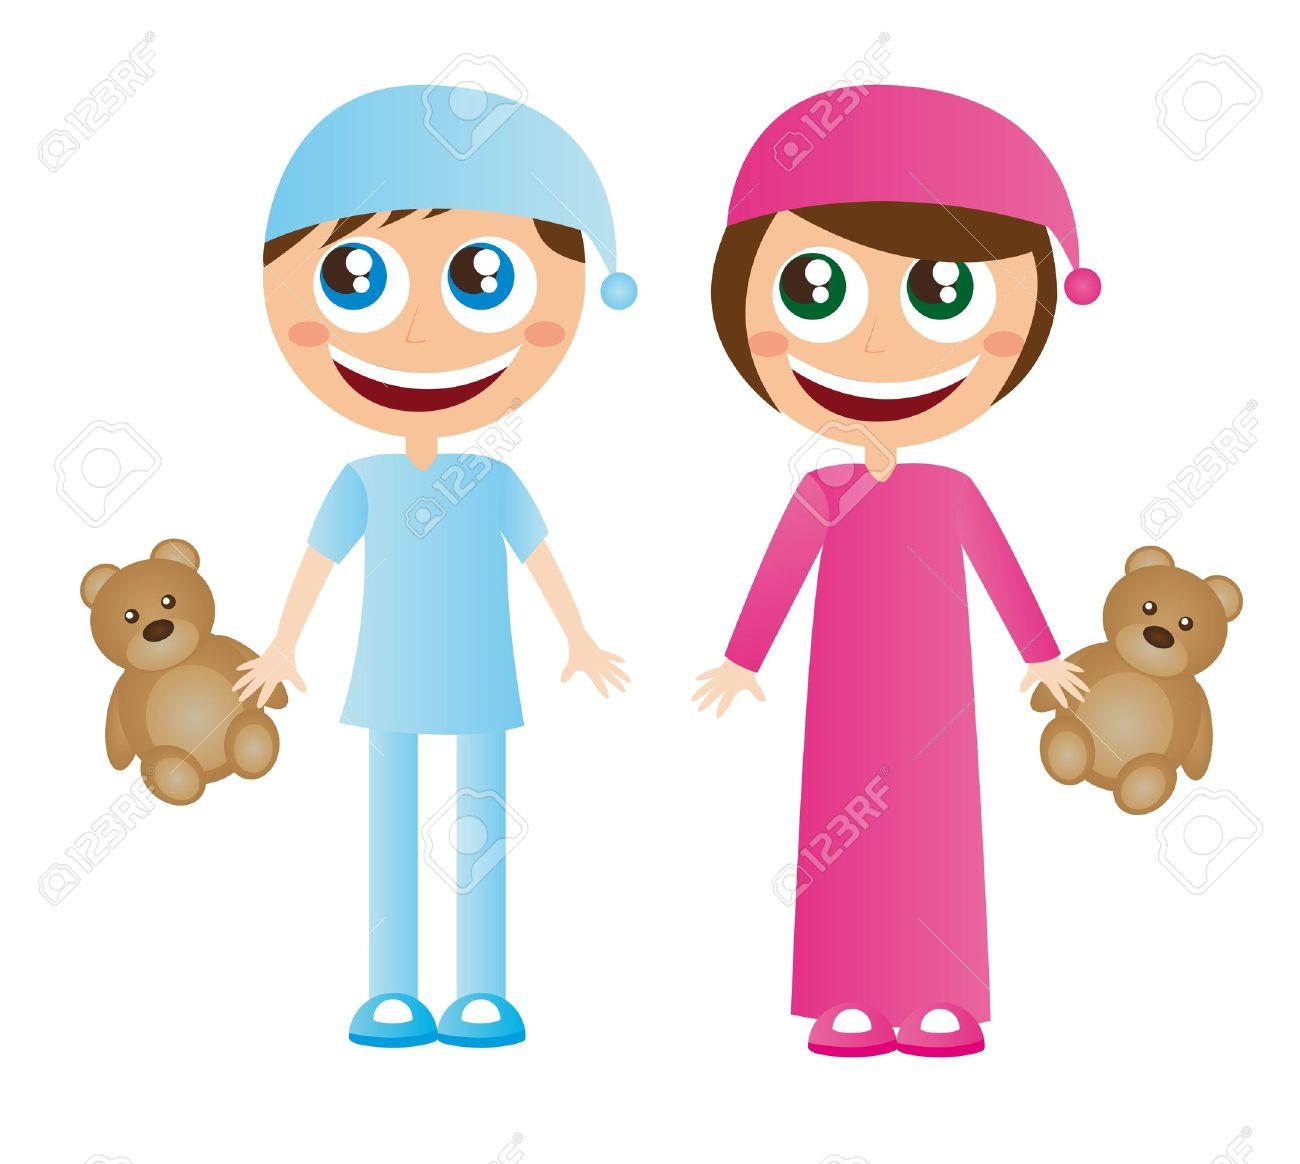 e3f5dba936 Foto de archivo - Los niños en pijama con dibujos animados sombrero con  osito de peluche vector